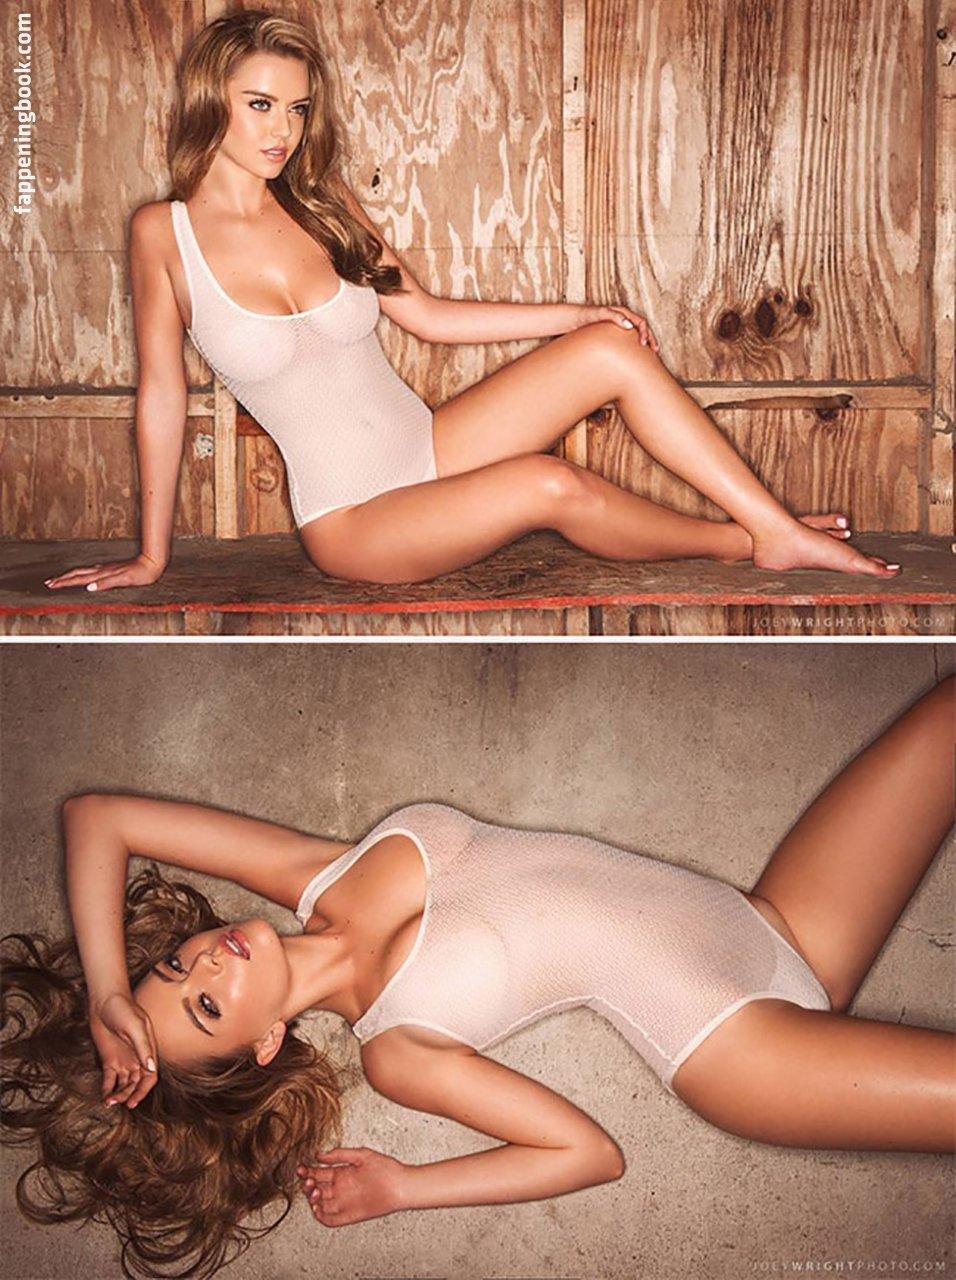 Hanley nude lauren TheFappening: Lauren